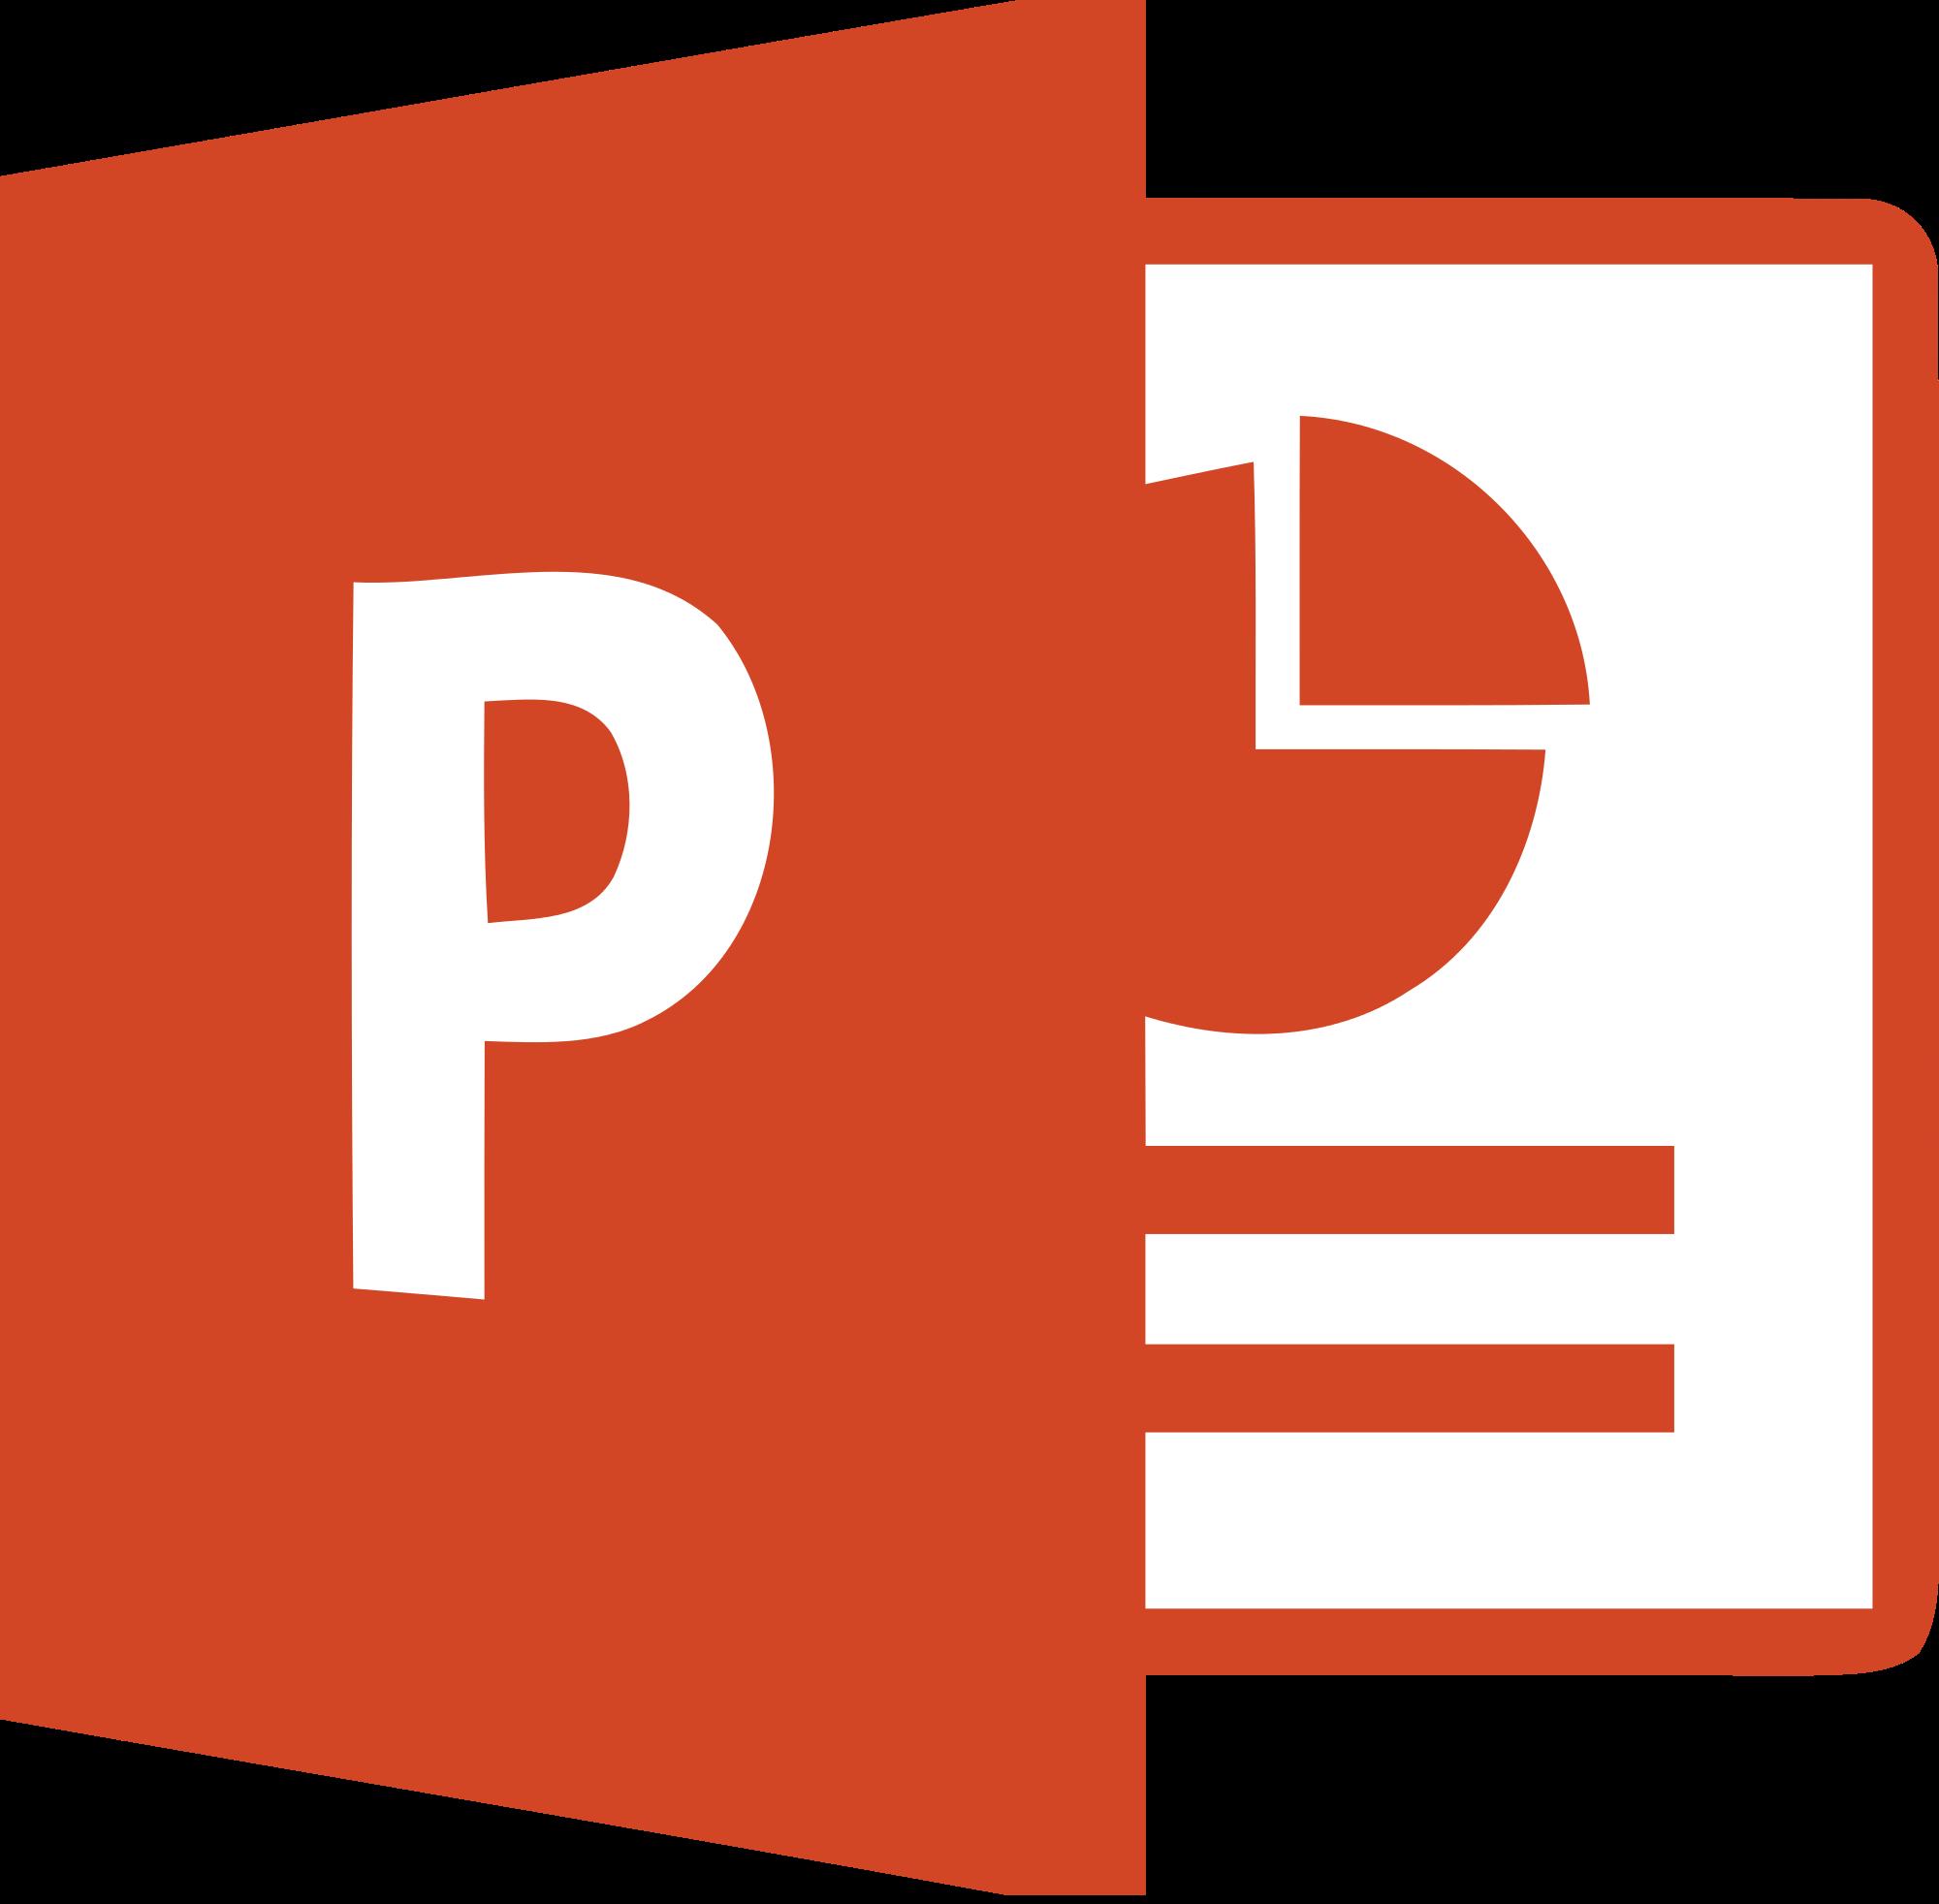 专业技能课程 — — PPT制作培训及作业展示